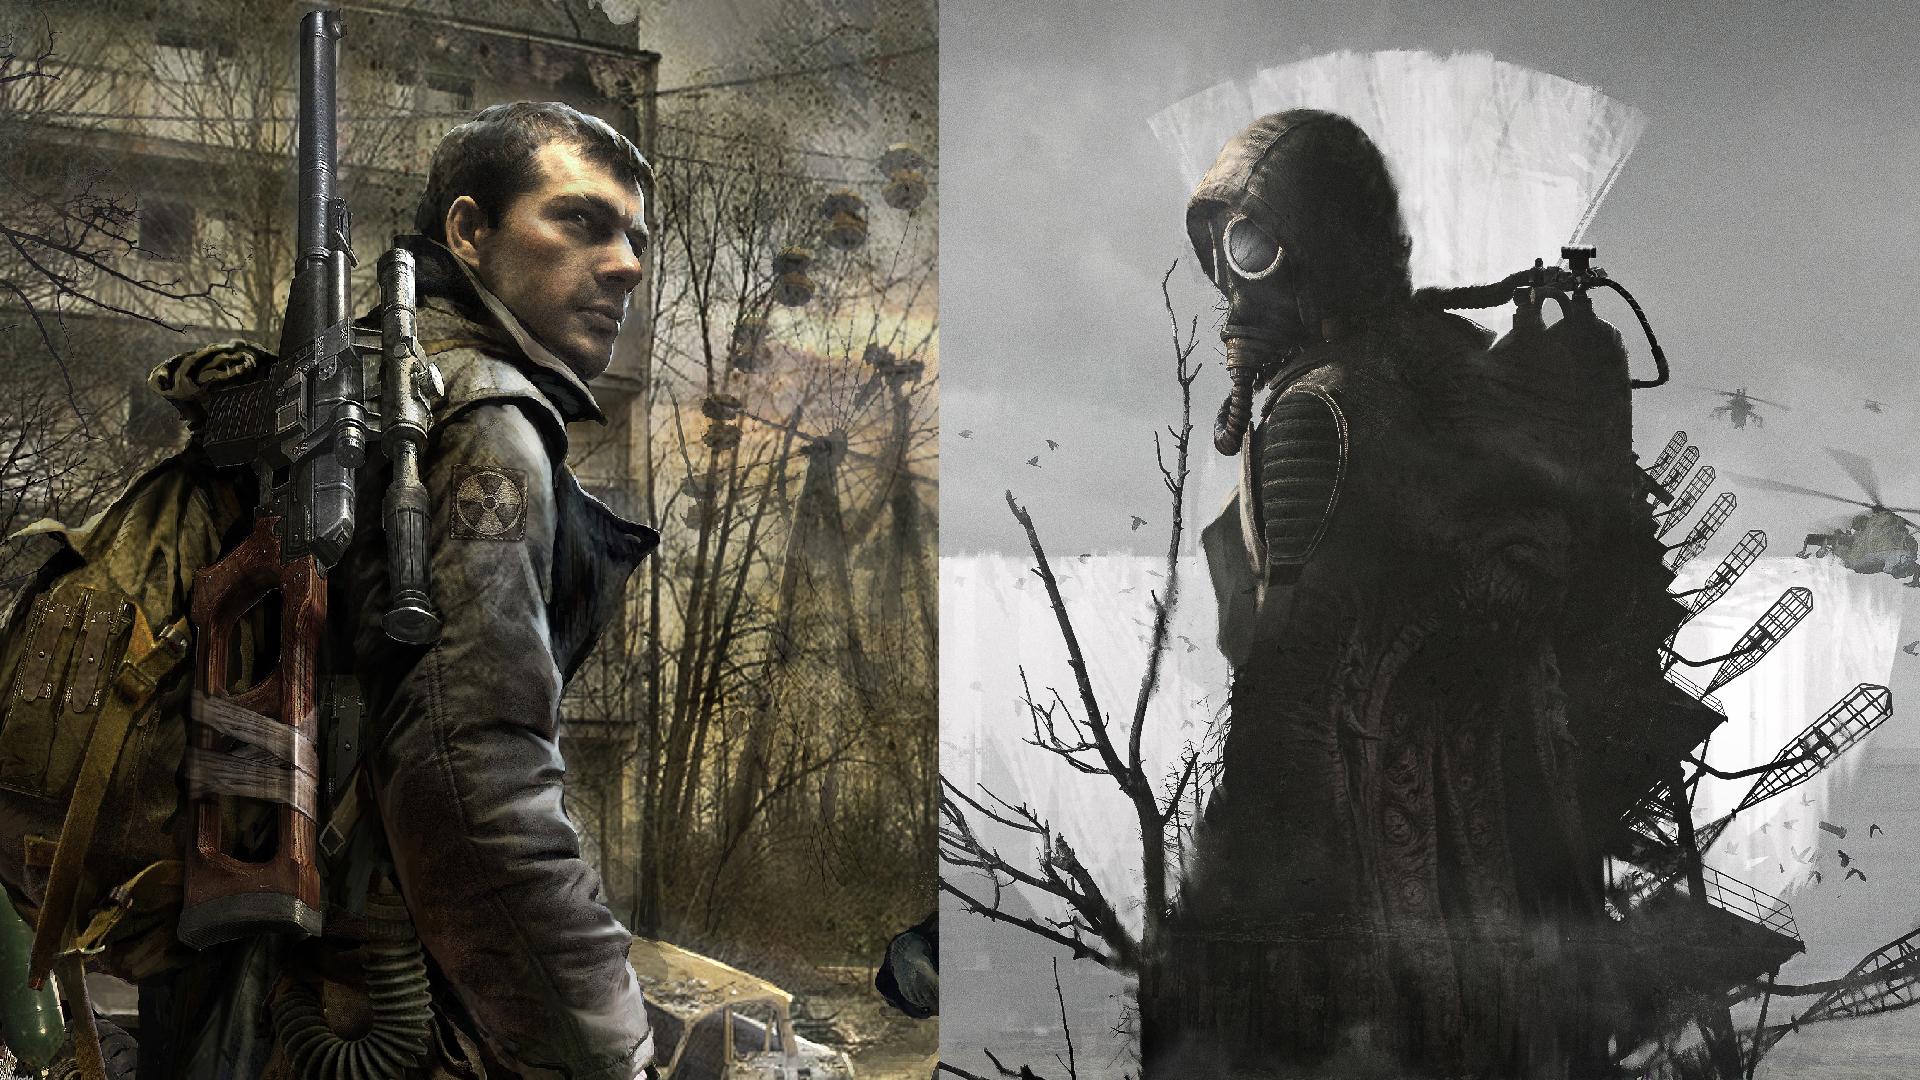 Сравнение S.T.A.L.K.E.R. 2 и S.T.A.L.K.E.R.: Call of Pripyat